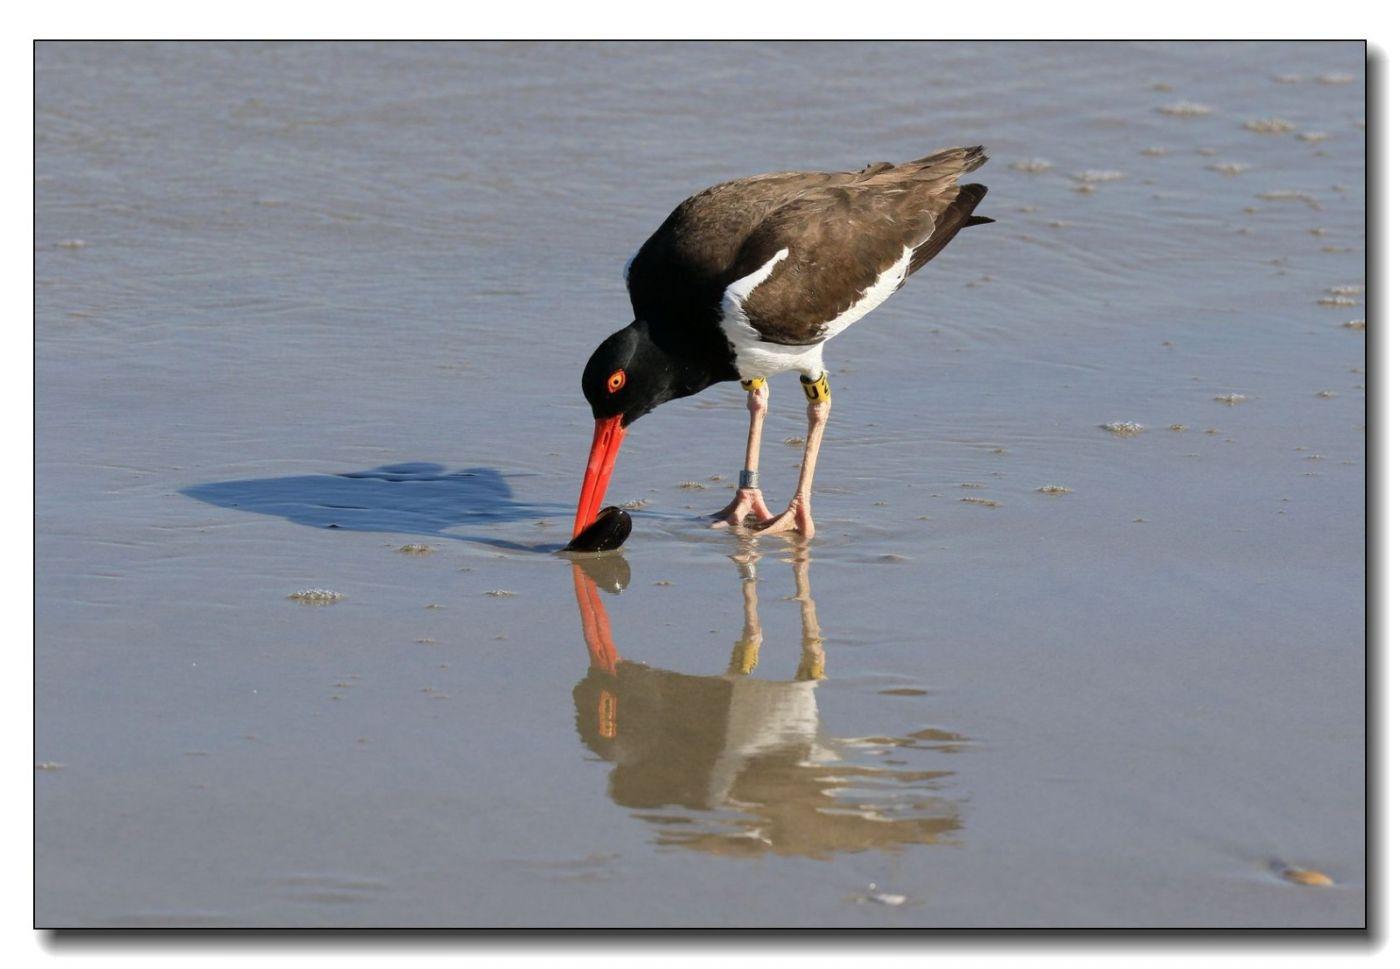 洛克威海滩拍鸟—励鹬_图1-16